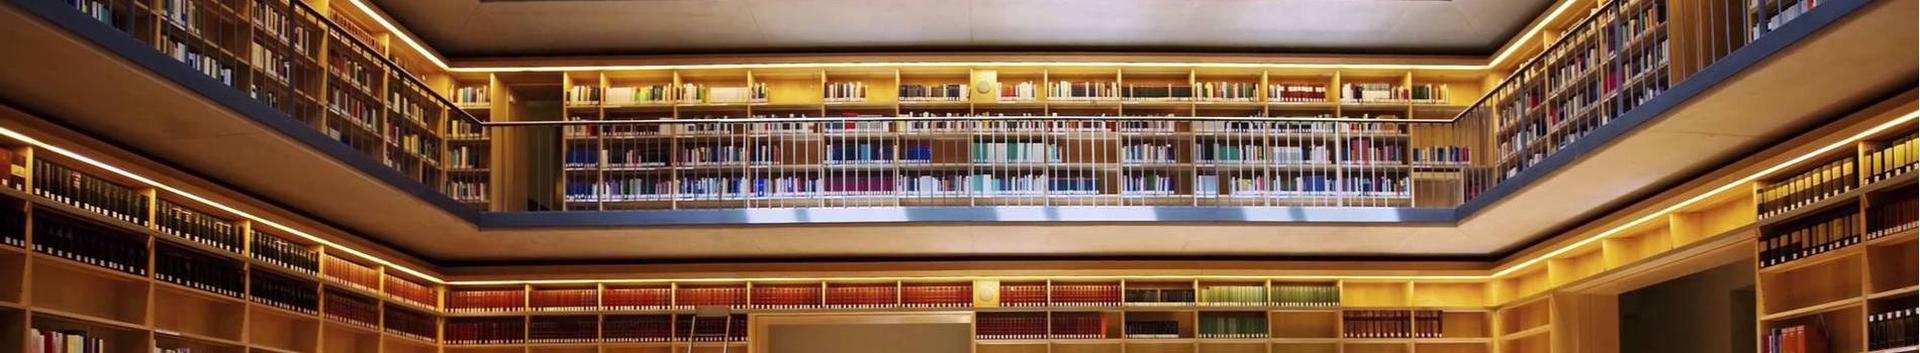 raamatud ja raamatukogud, raamatukogud